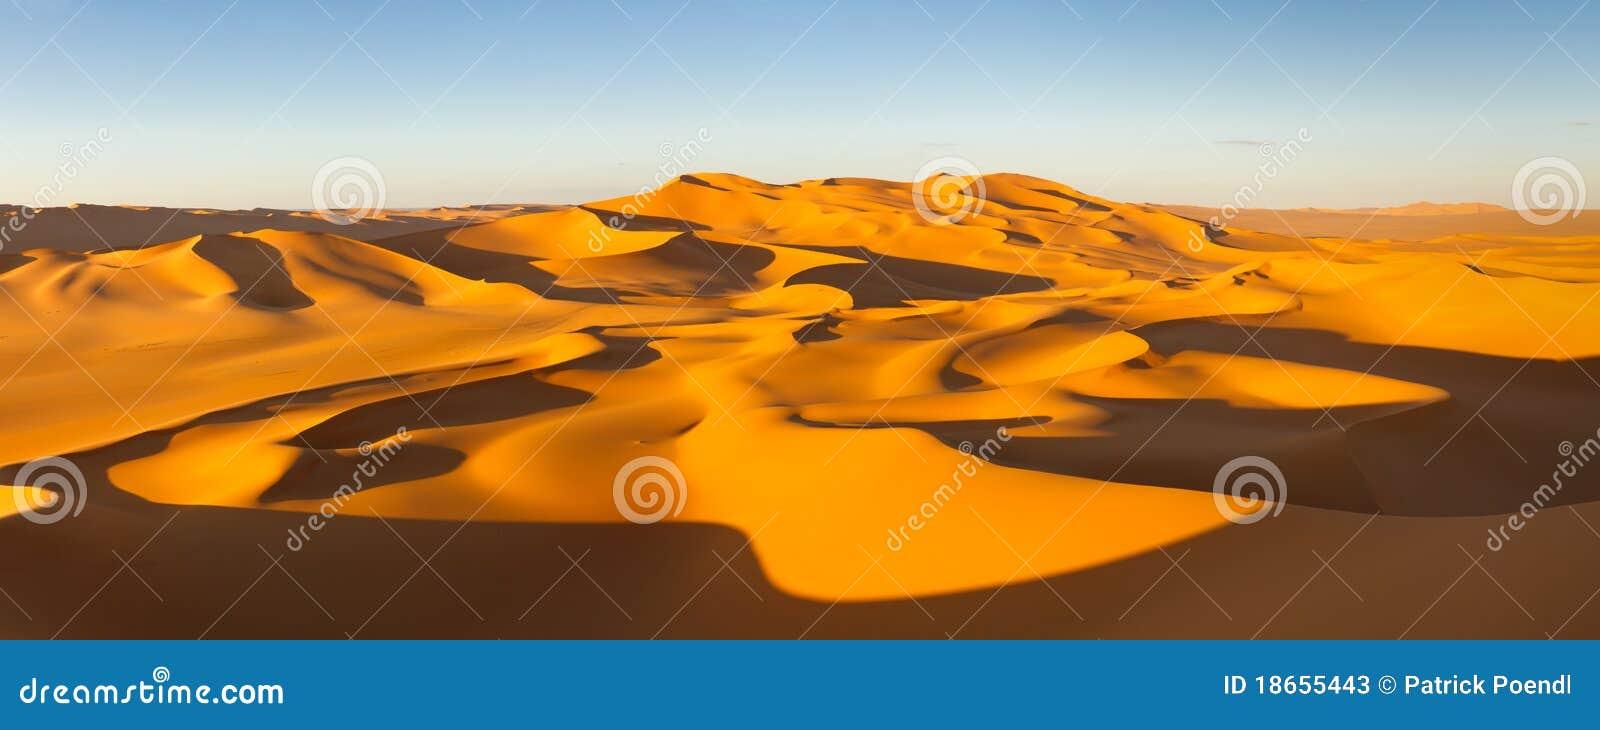 Panorama del deserto - dune di sabbia - il Sahara, Libia